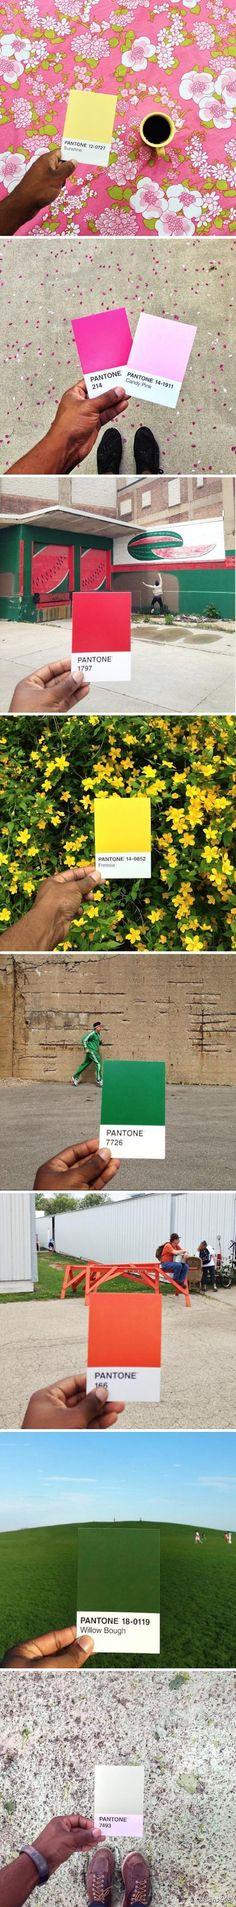 """摄影师Paul Octavious 在Instagram上进行了一项名为""""Pantone计划""""的活动,用Pantone色卡去对应现实生活中的色彩。"""